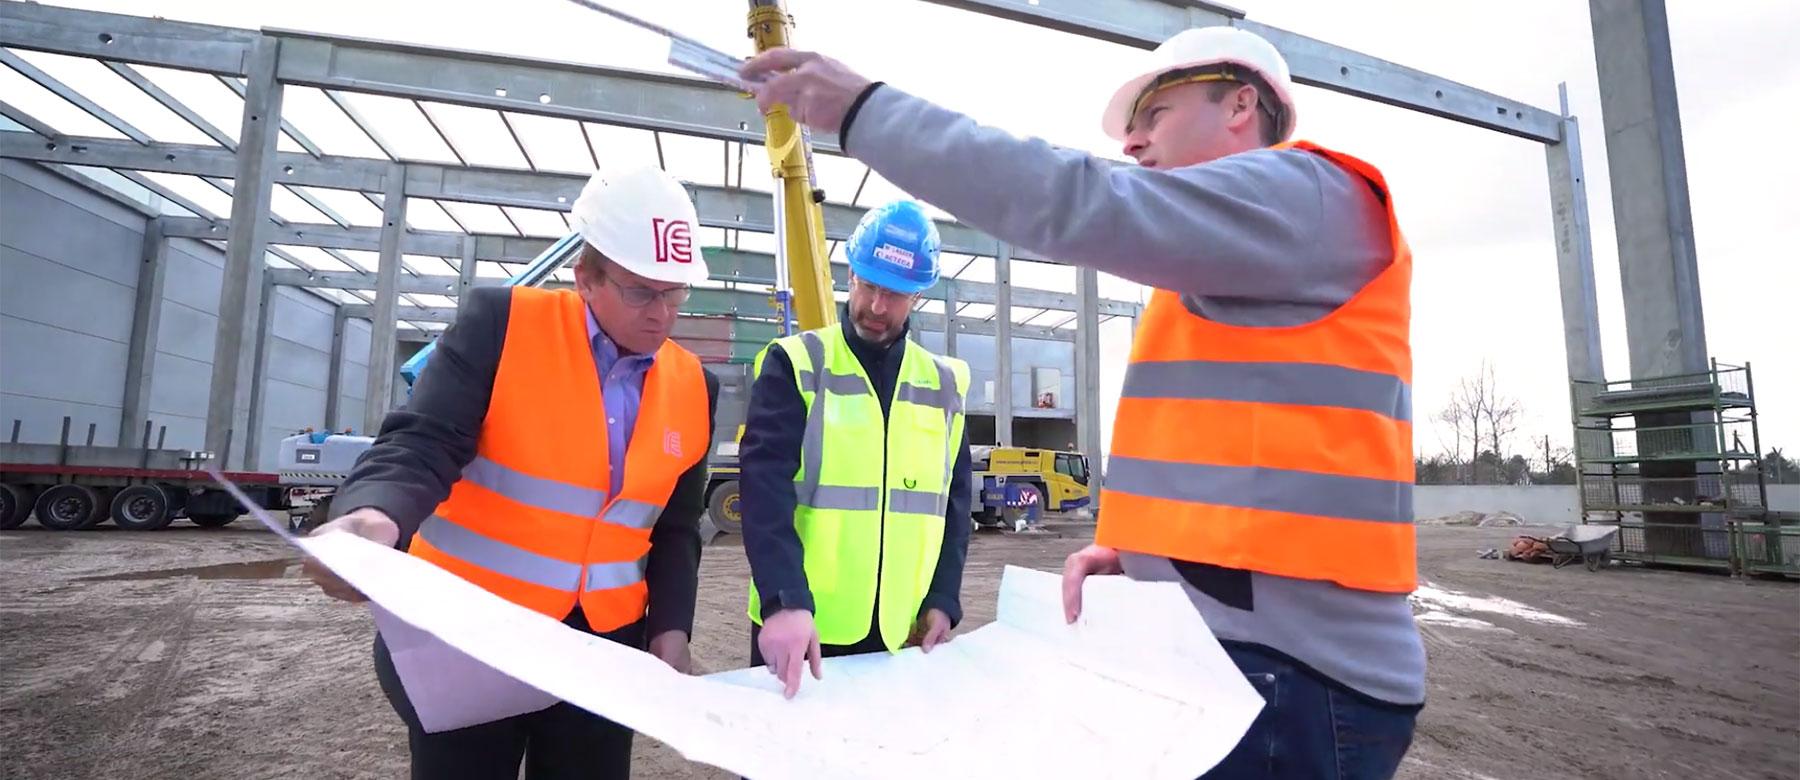 Bauplanung und Realisierung einer neuen Produktionsstätte.